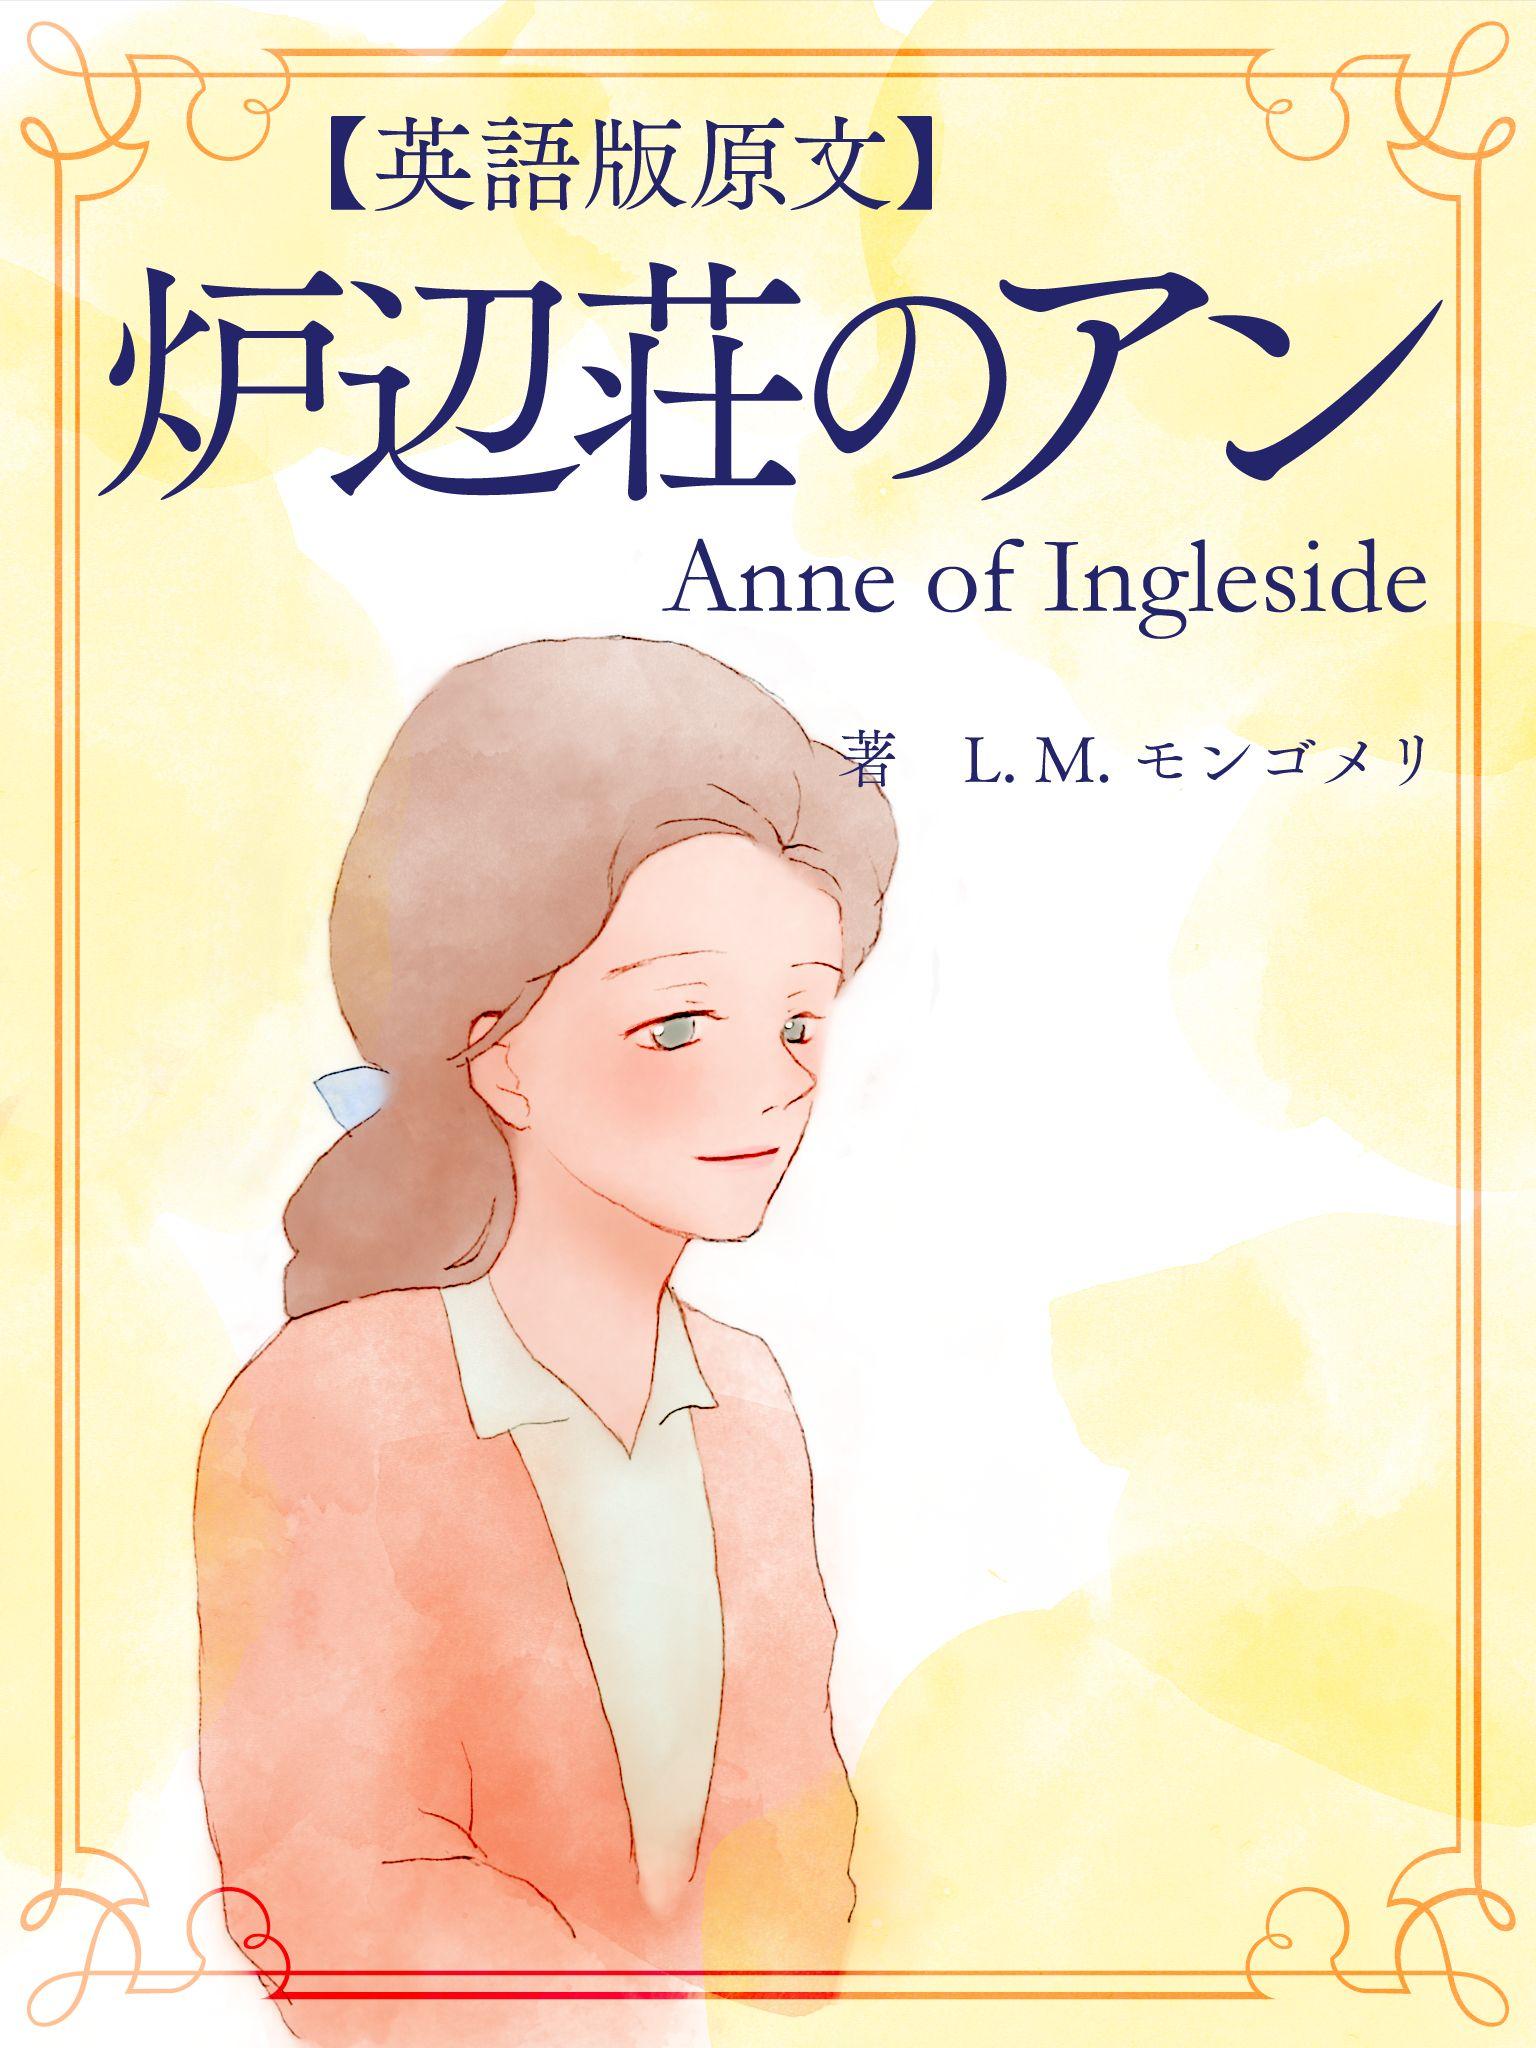 【英語版原文】炉辺荘のアン